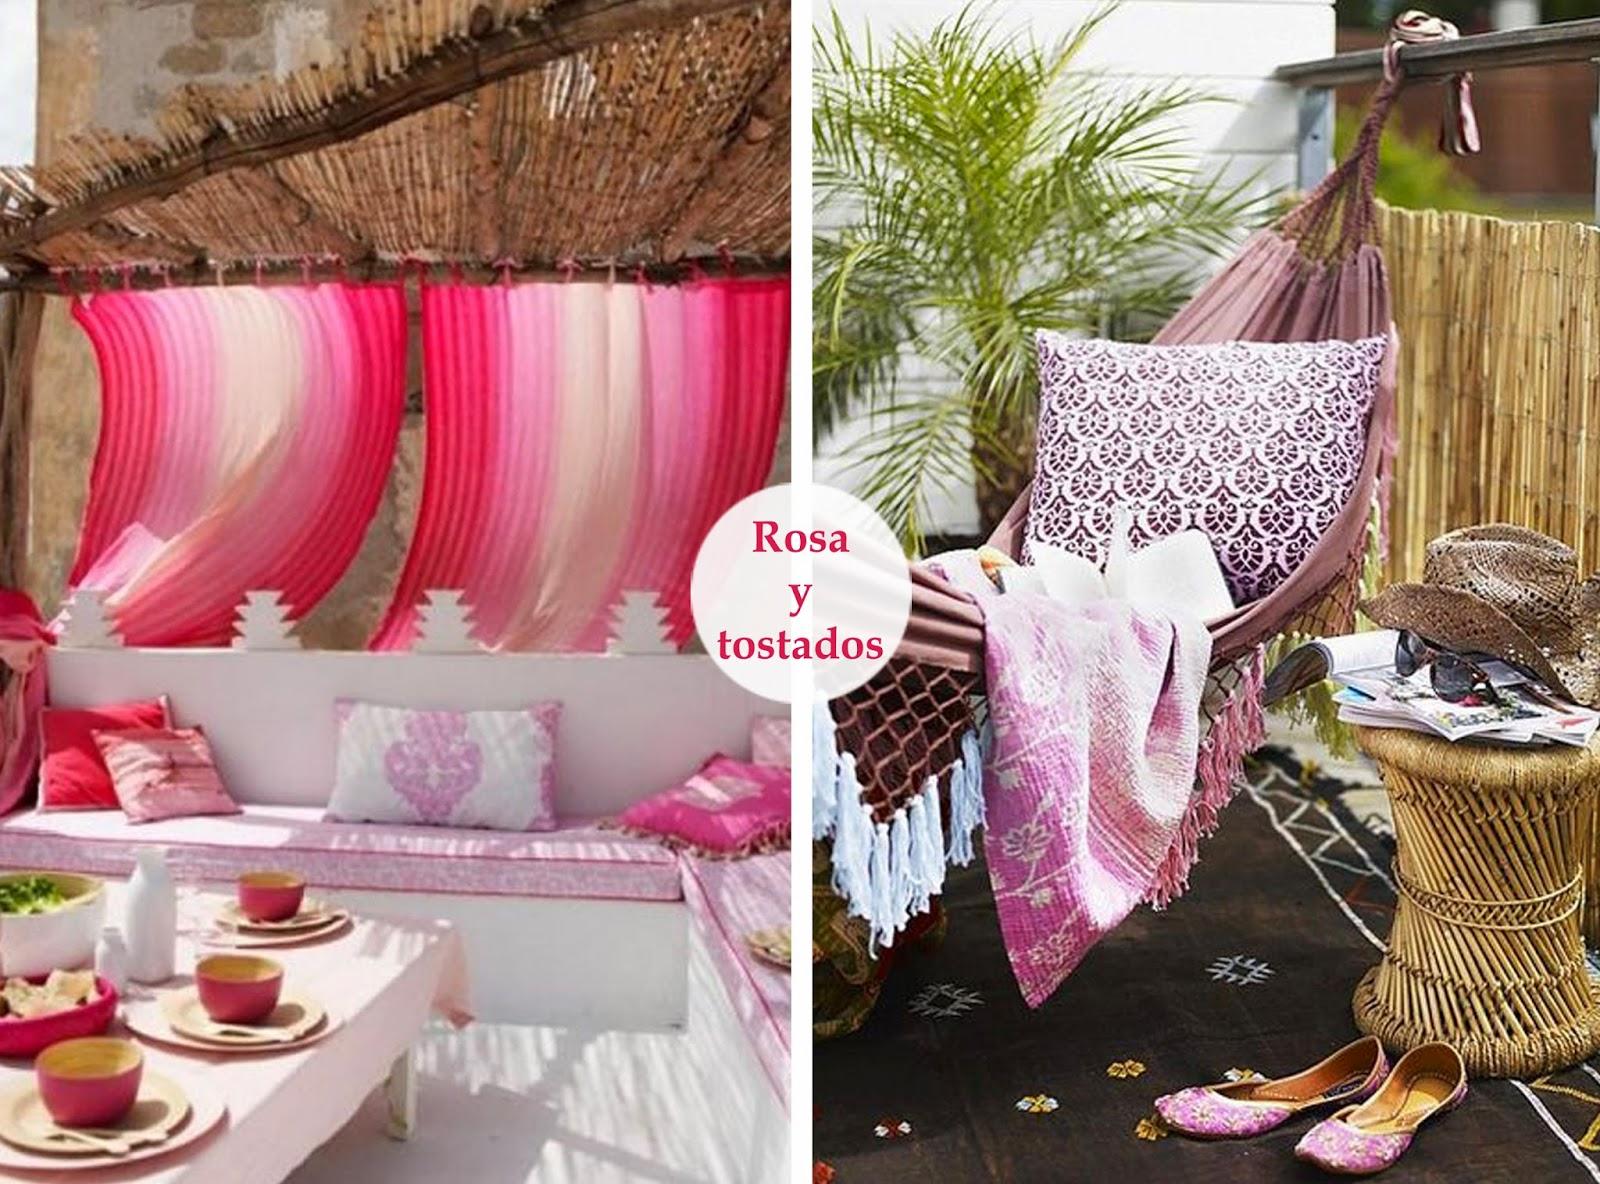 Terrazas decoradas en rosa